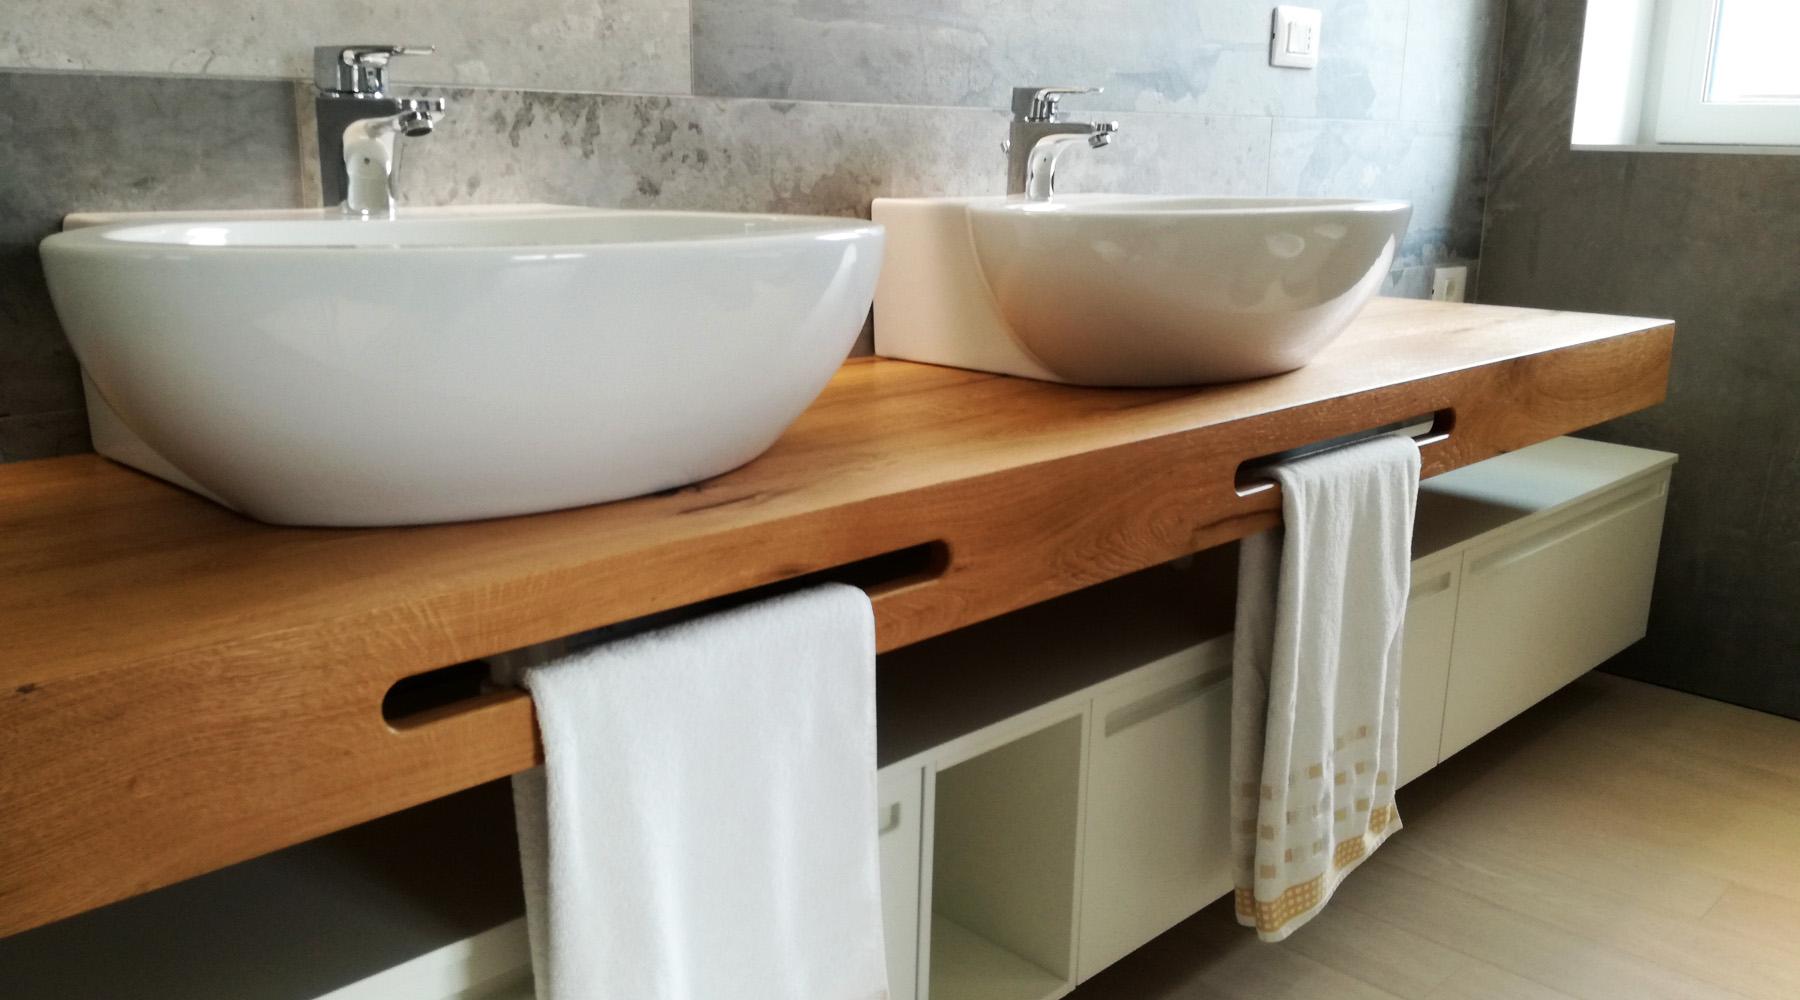 Mobile bagno doppio lavabo con mensola in legno - Arredo bagno doppio lavabo ...